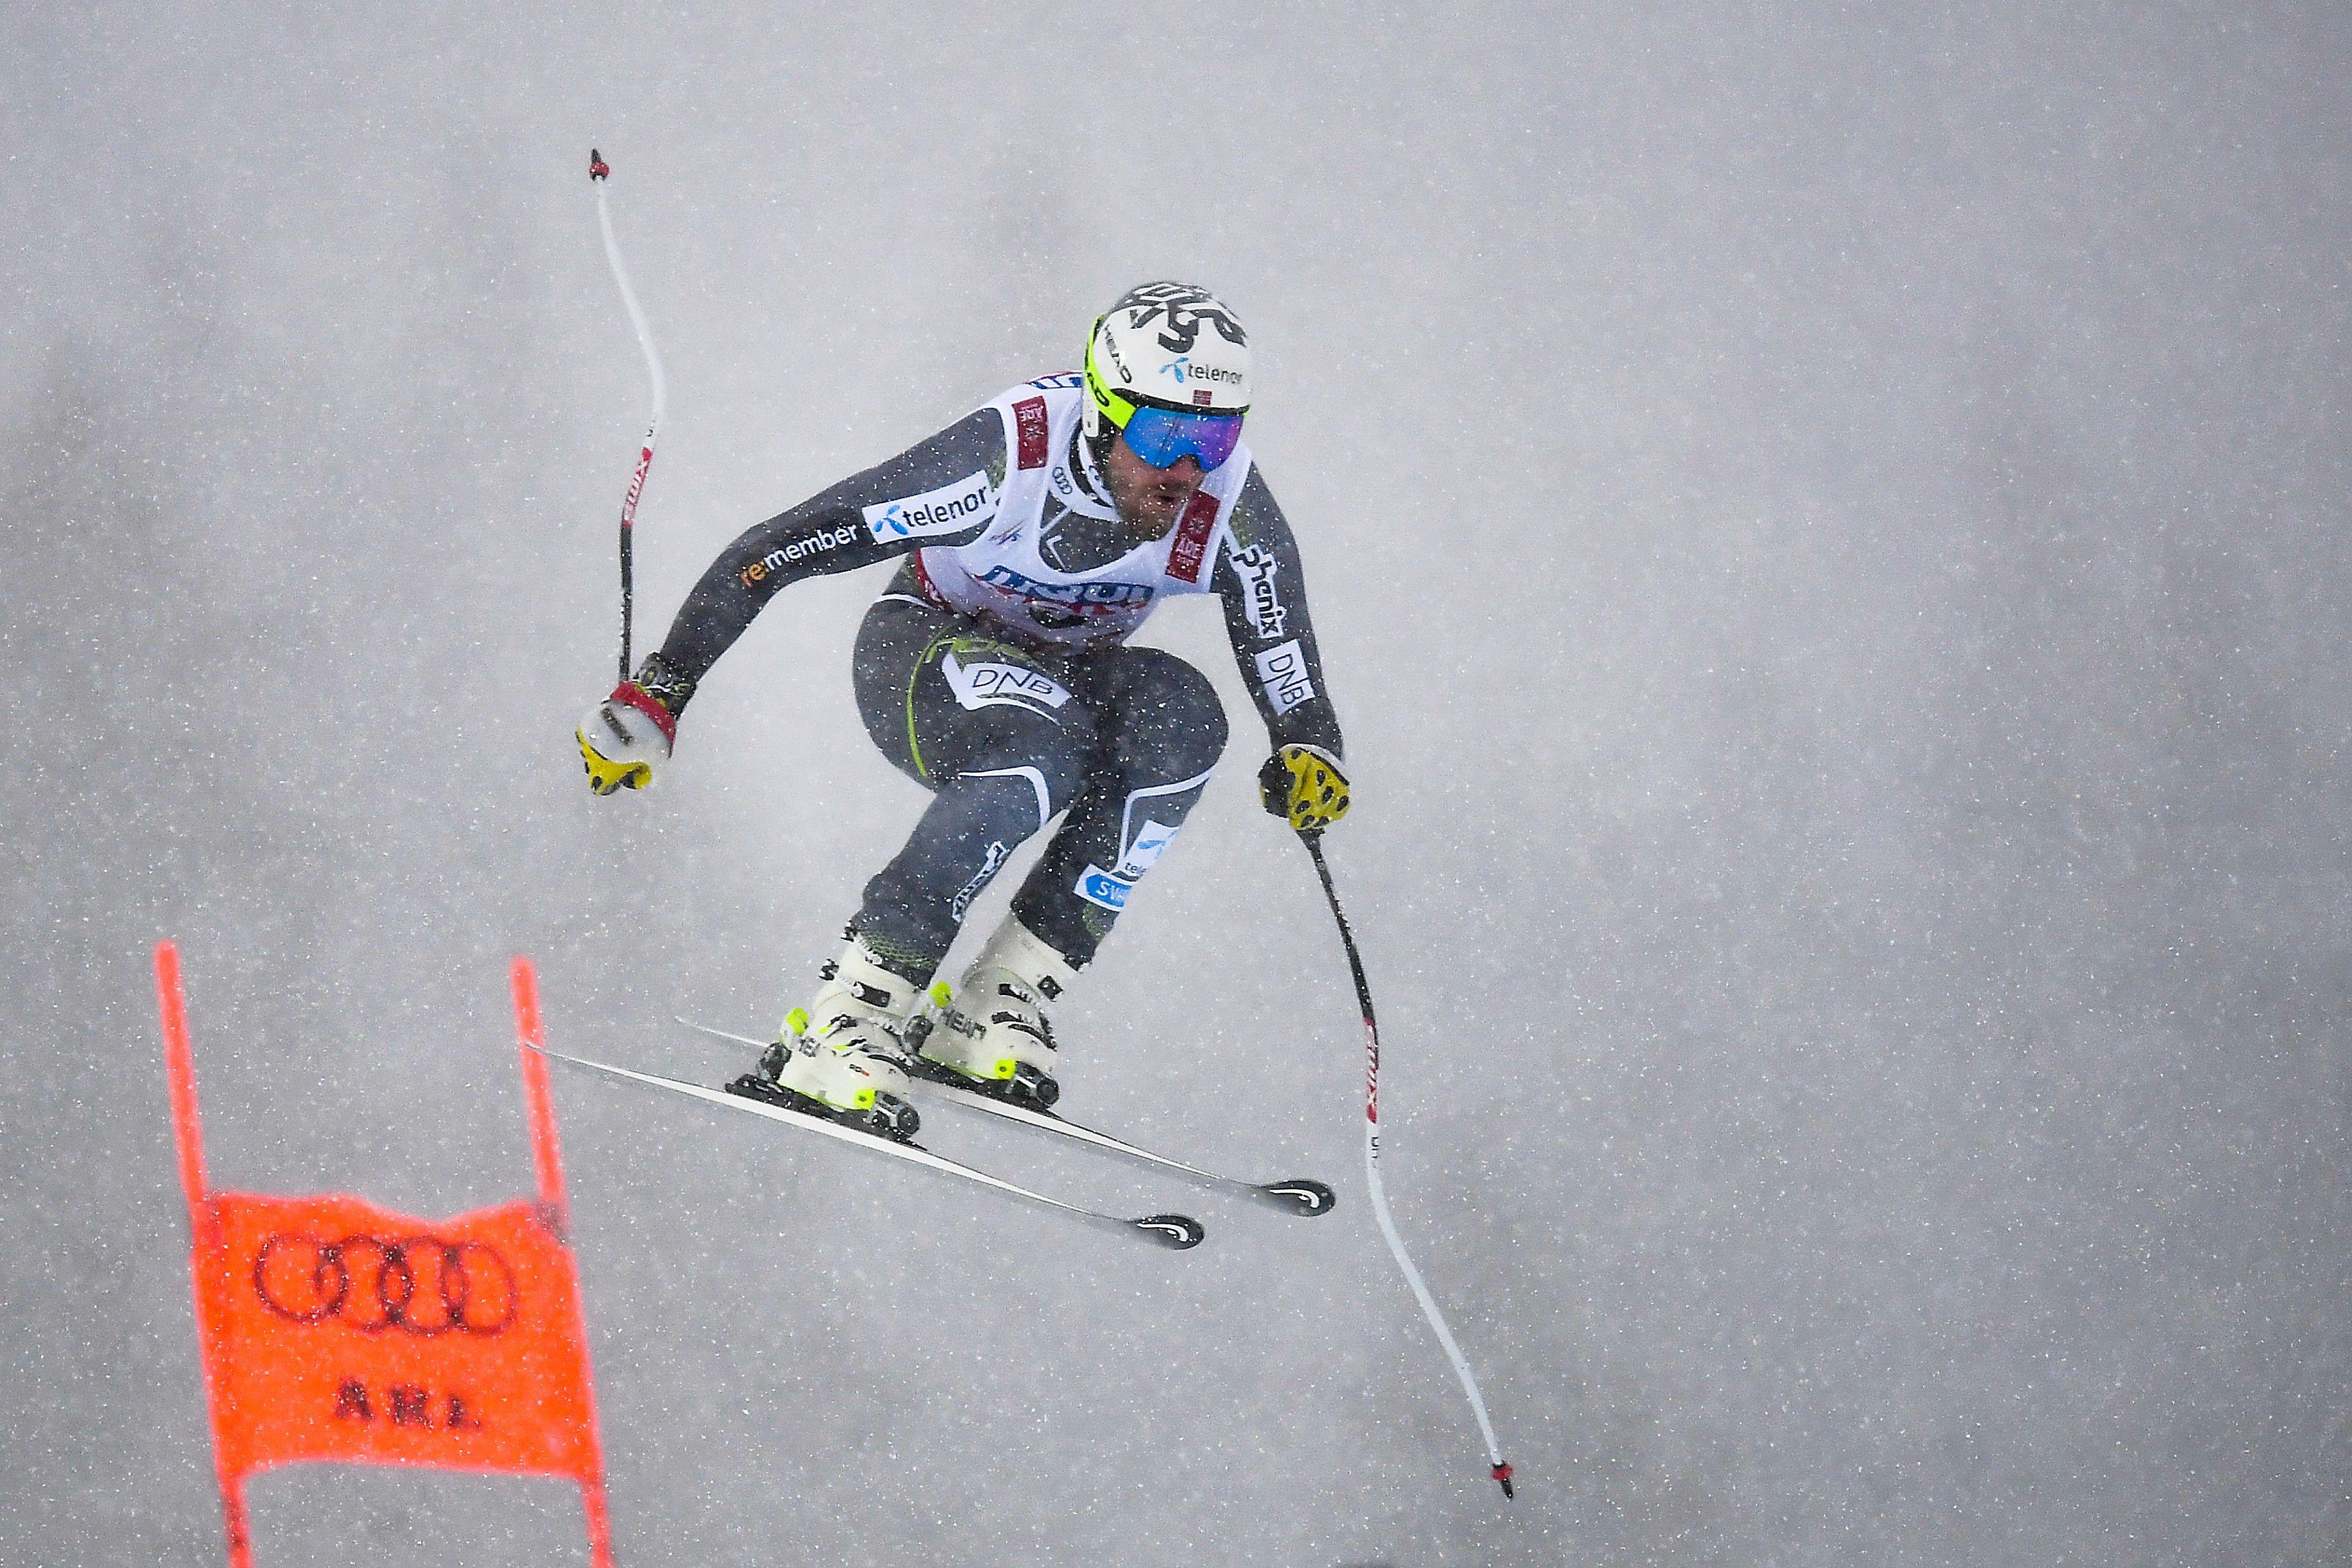 Kjetil Jansrud lors de la descente des Mondiaux 2019